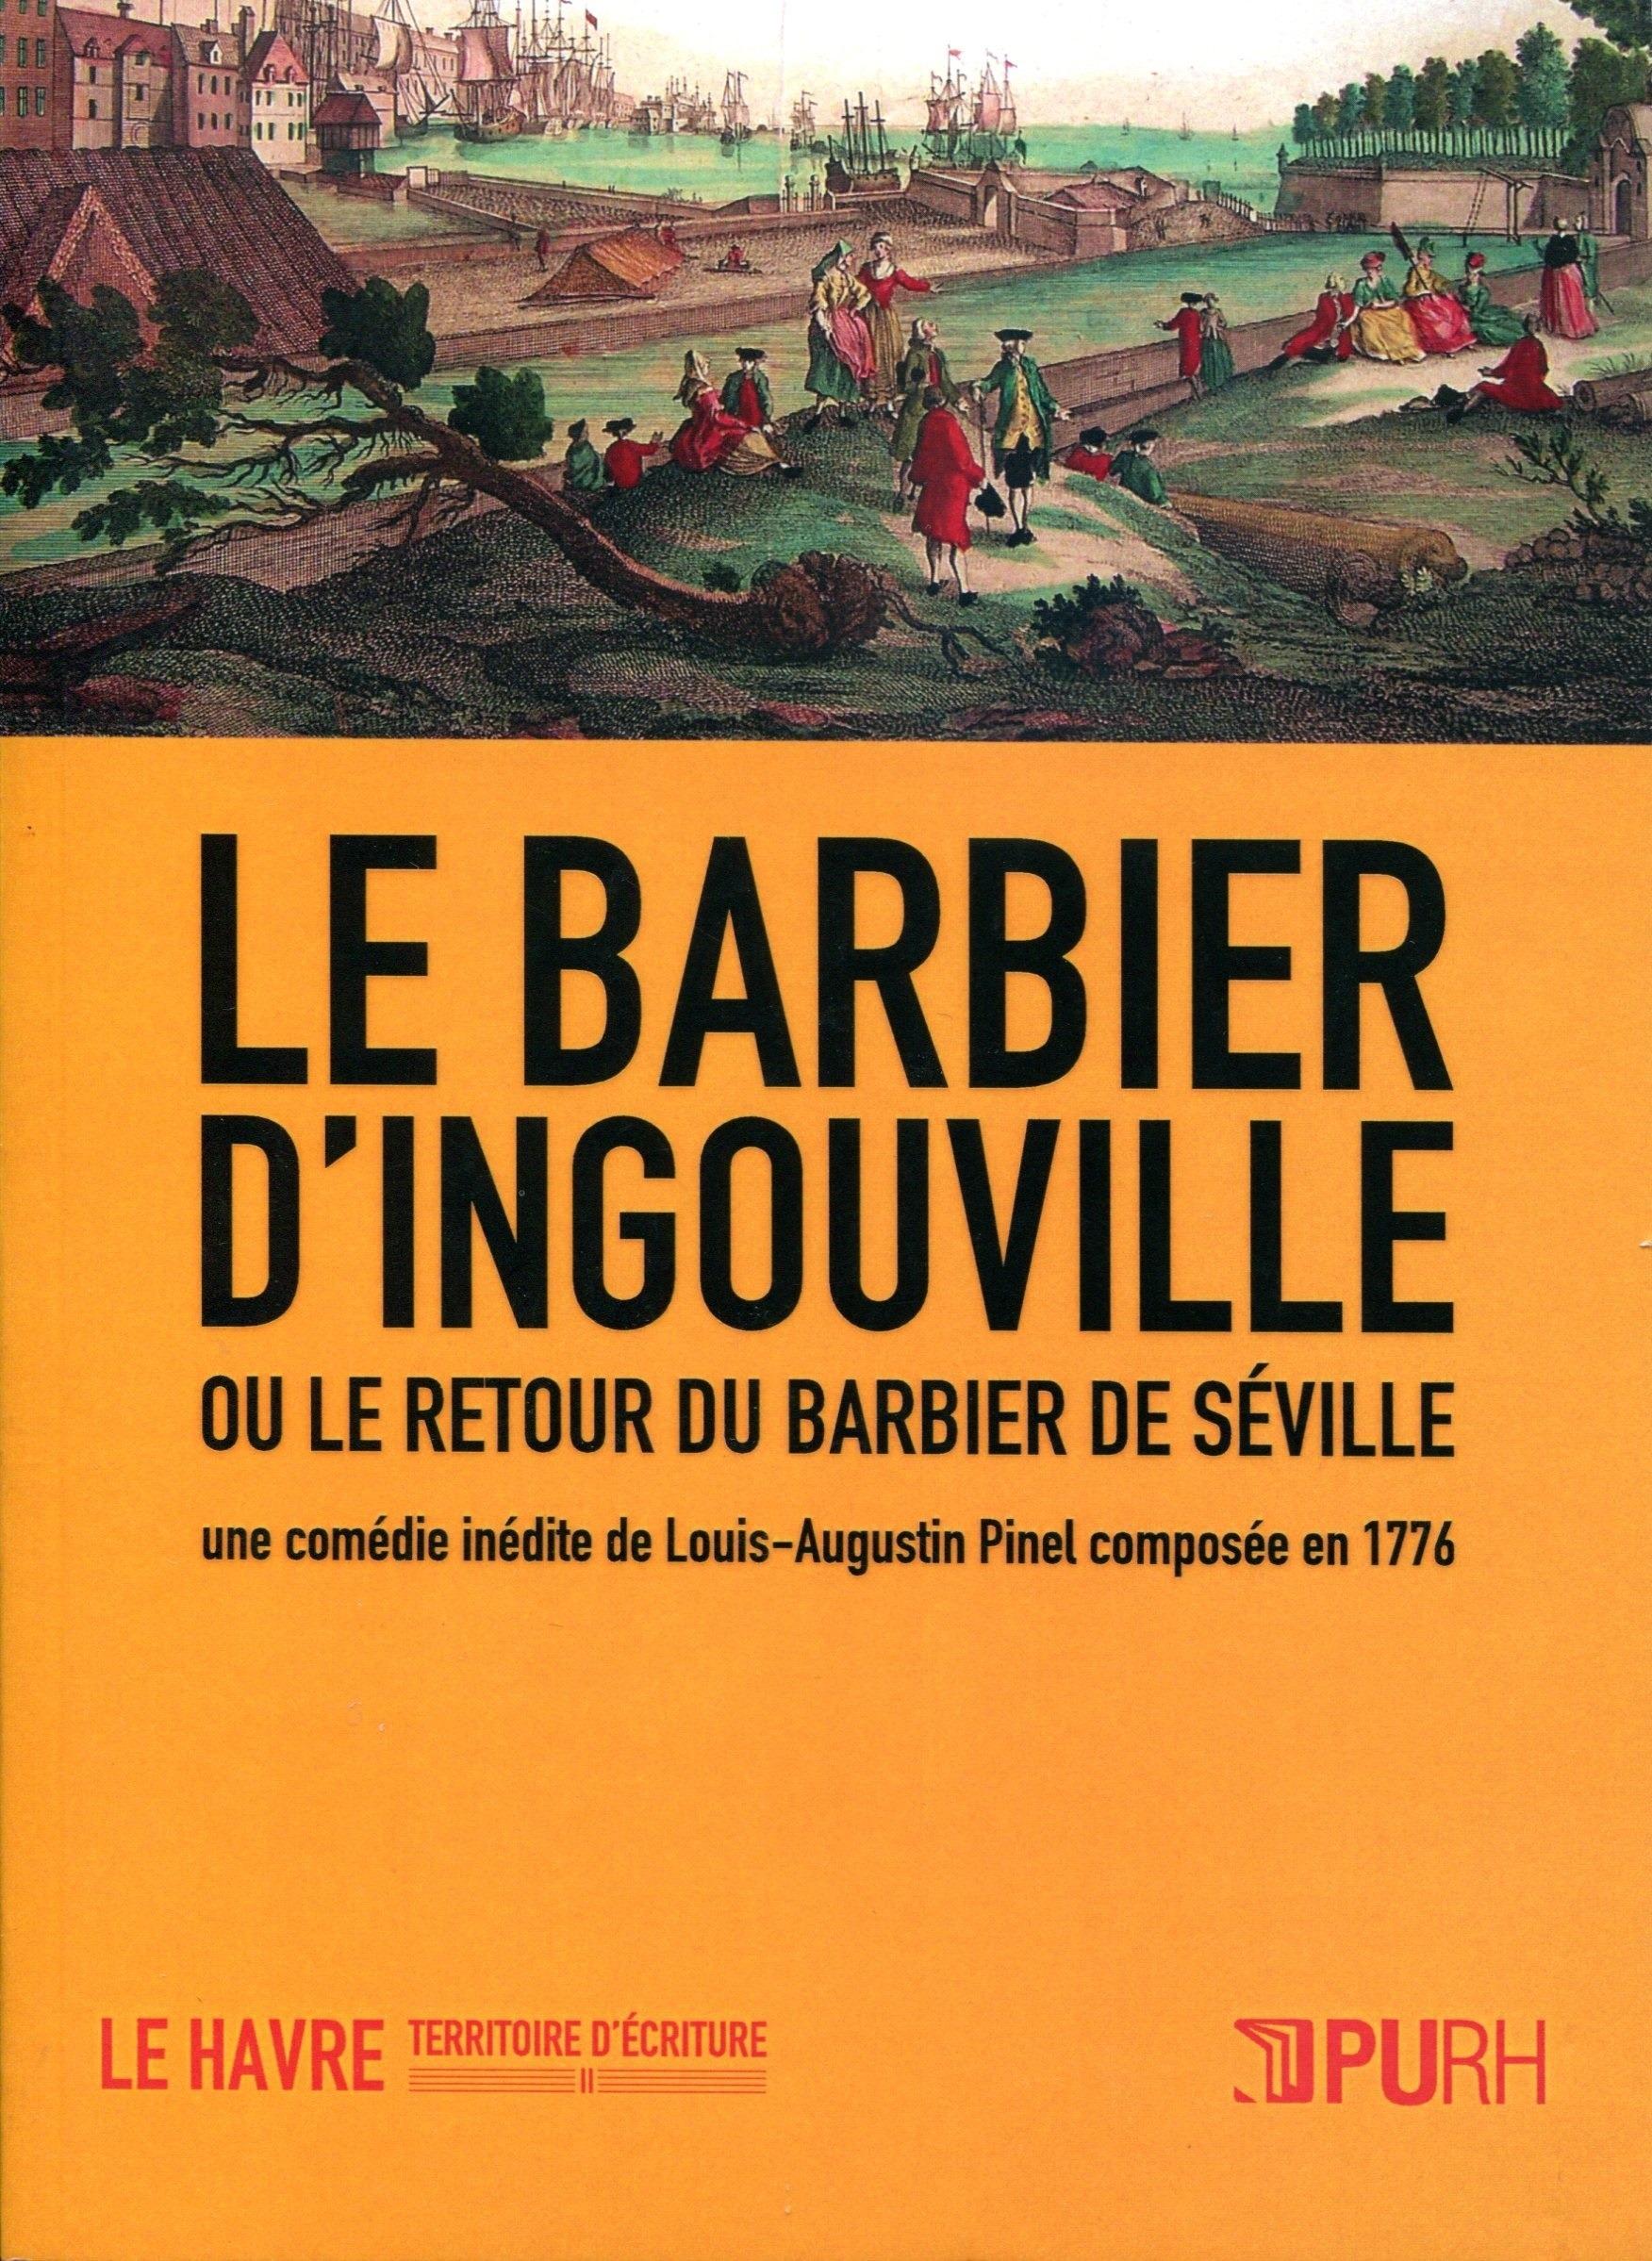 Le barbier d'Ingouville ou le retour du barbier de Séville ; une comédie inédite de Louis-Augustin Pinel, composée en 1776